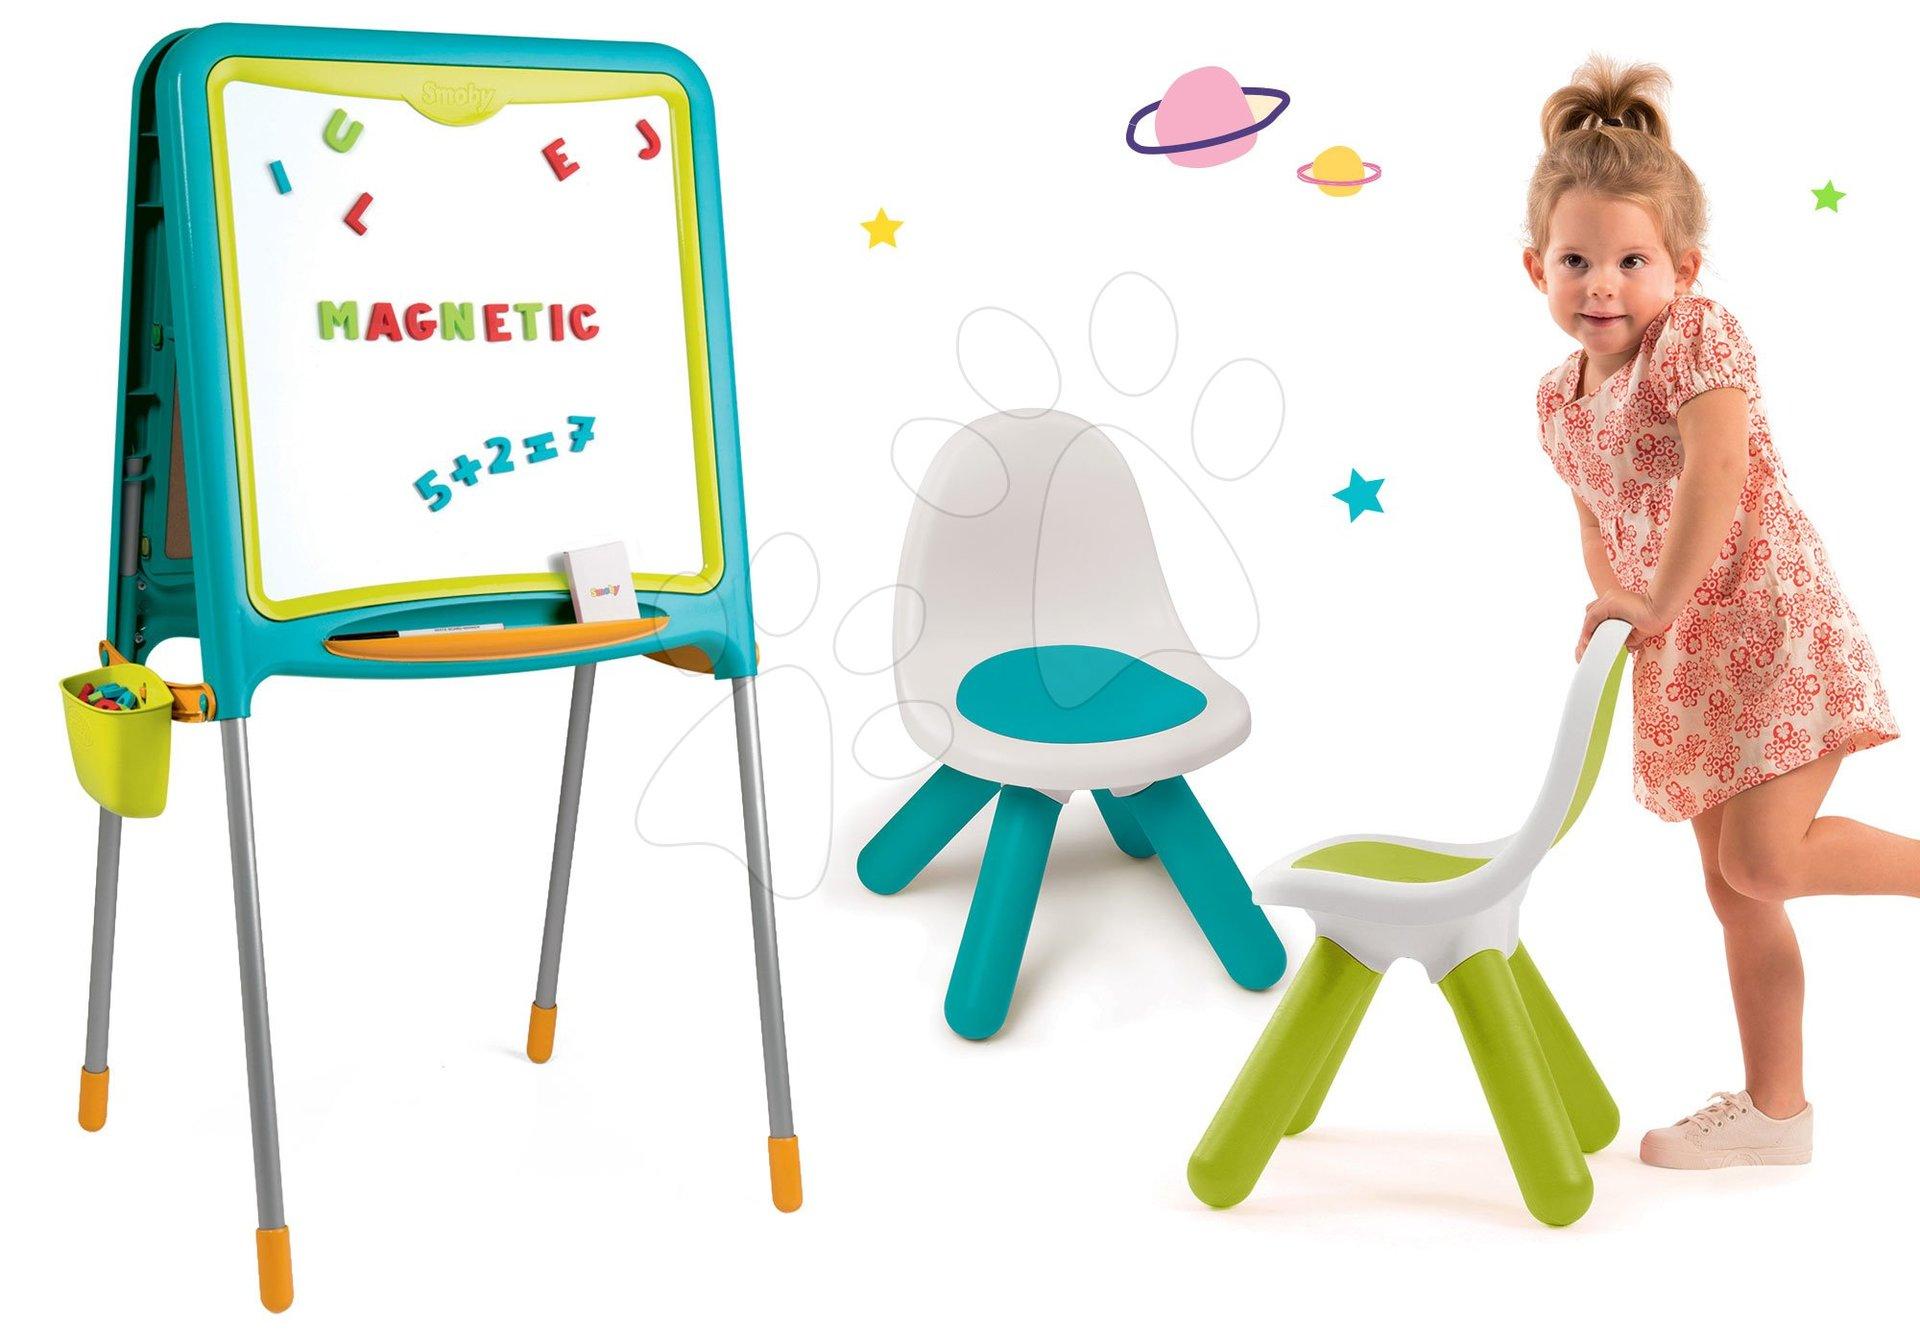 Školská tabuľa Smoby magnetická obojstranná, 80 doplnkov a 2 stoličky KidChair